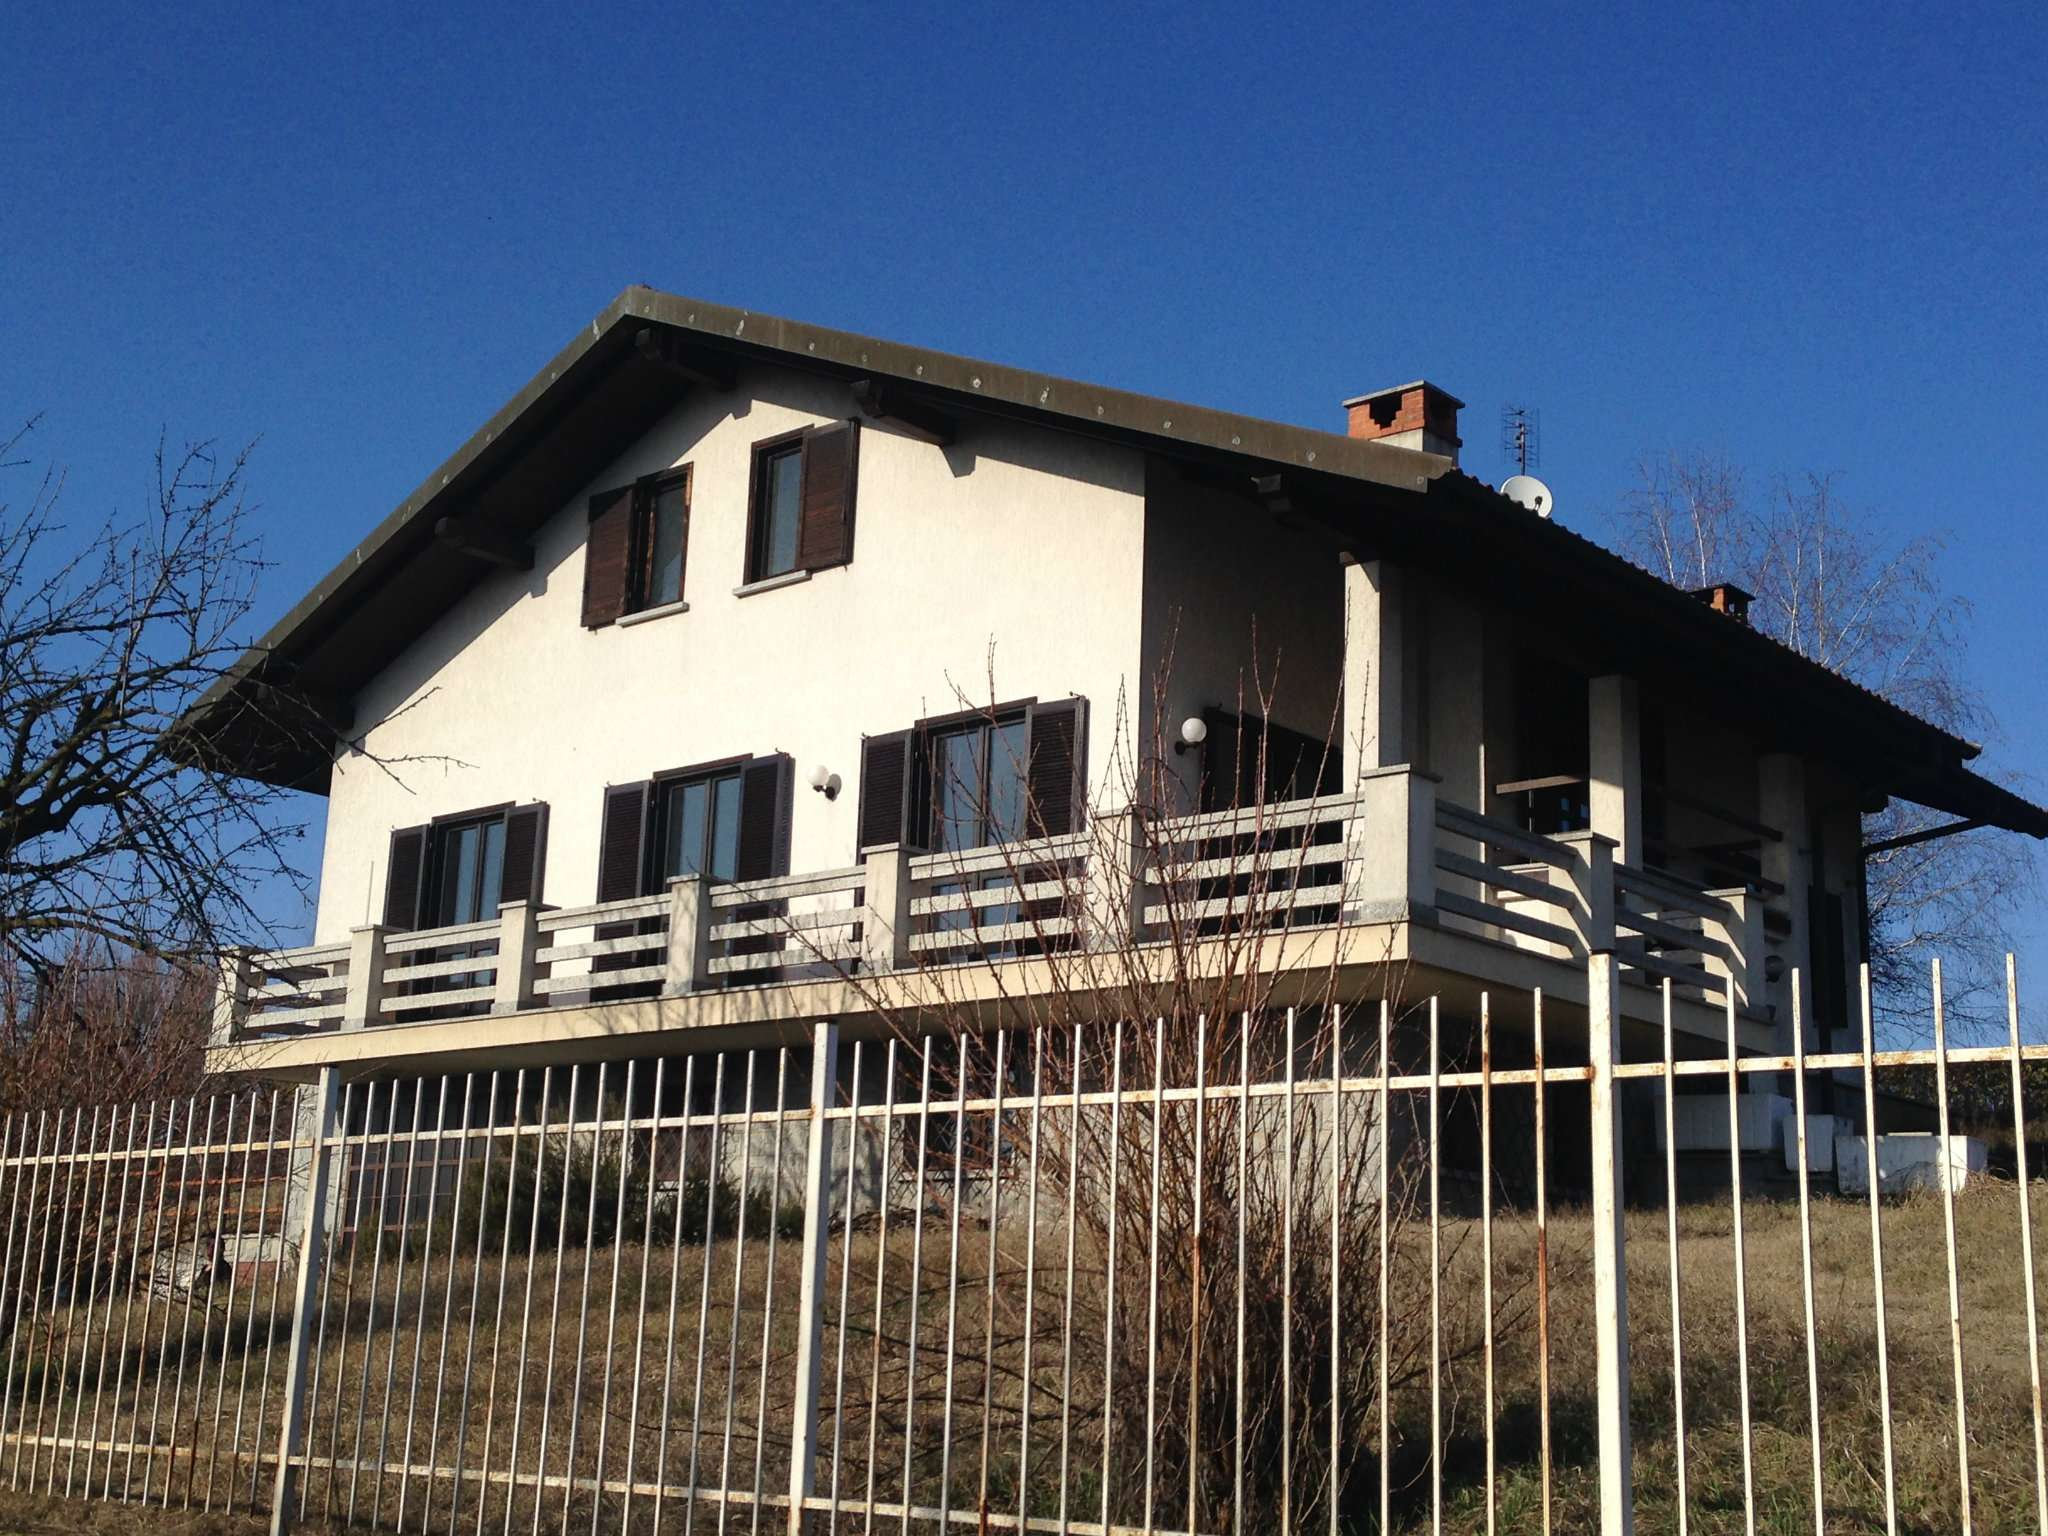 Villa in affitto a Pecetto Torinese, 8 locali, prezzo € 1.300 | CambioCasa.it